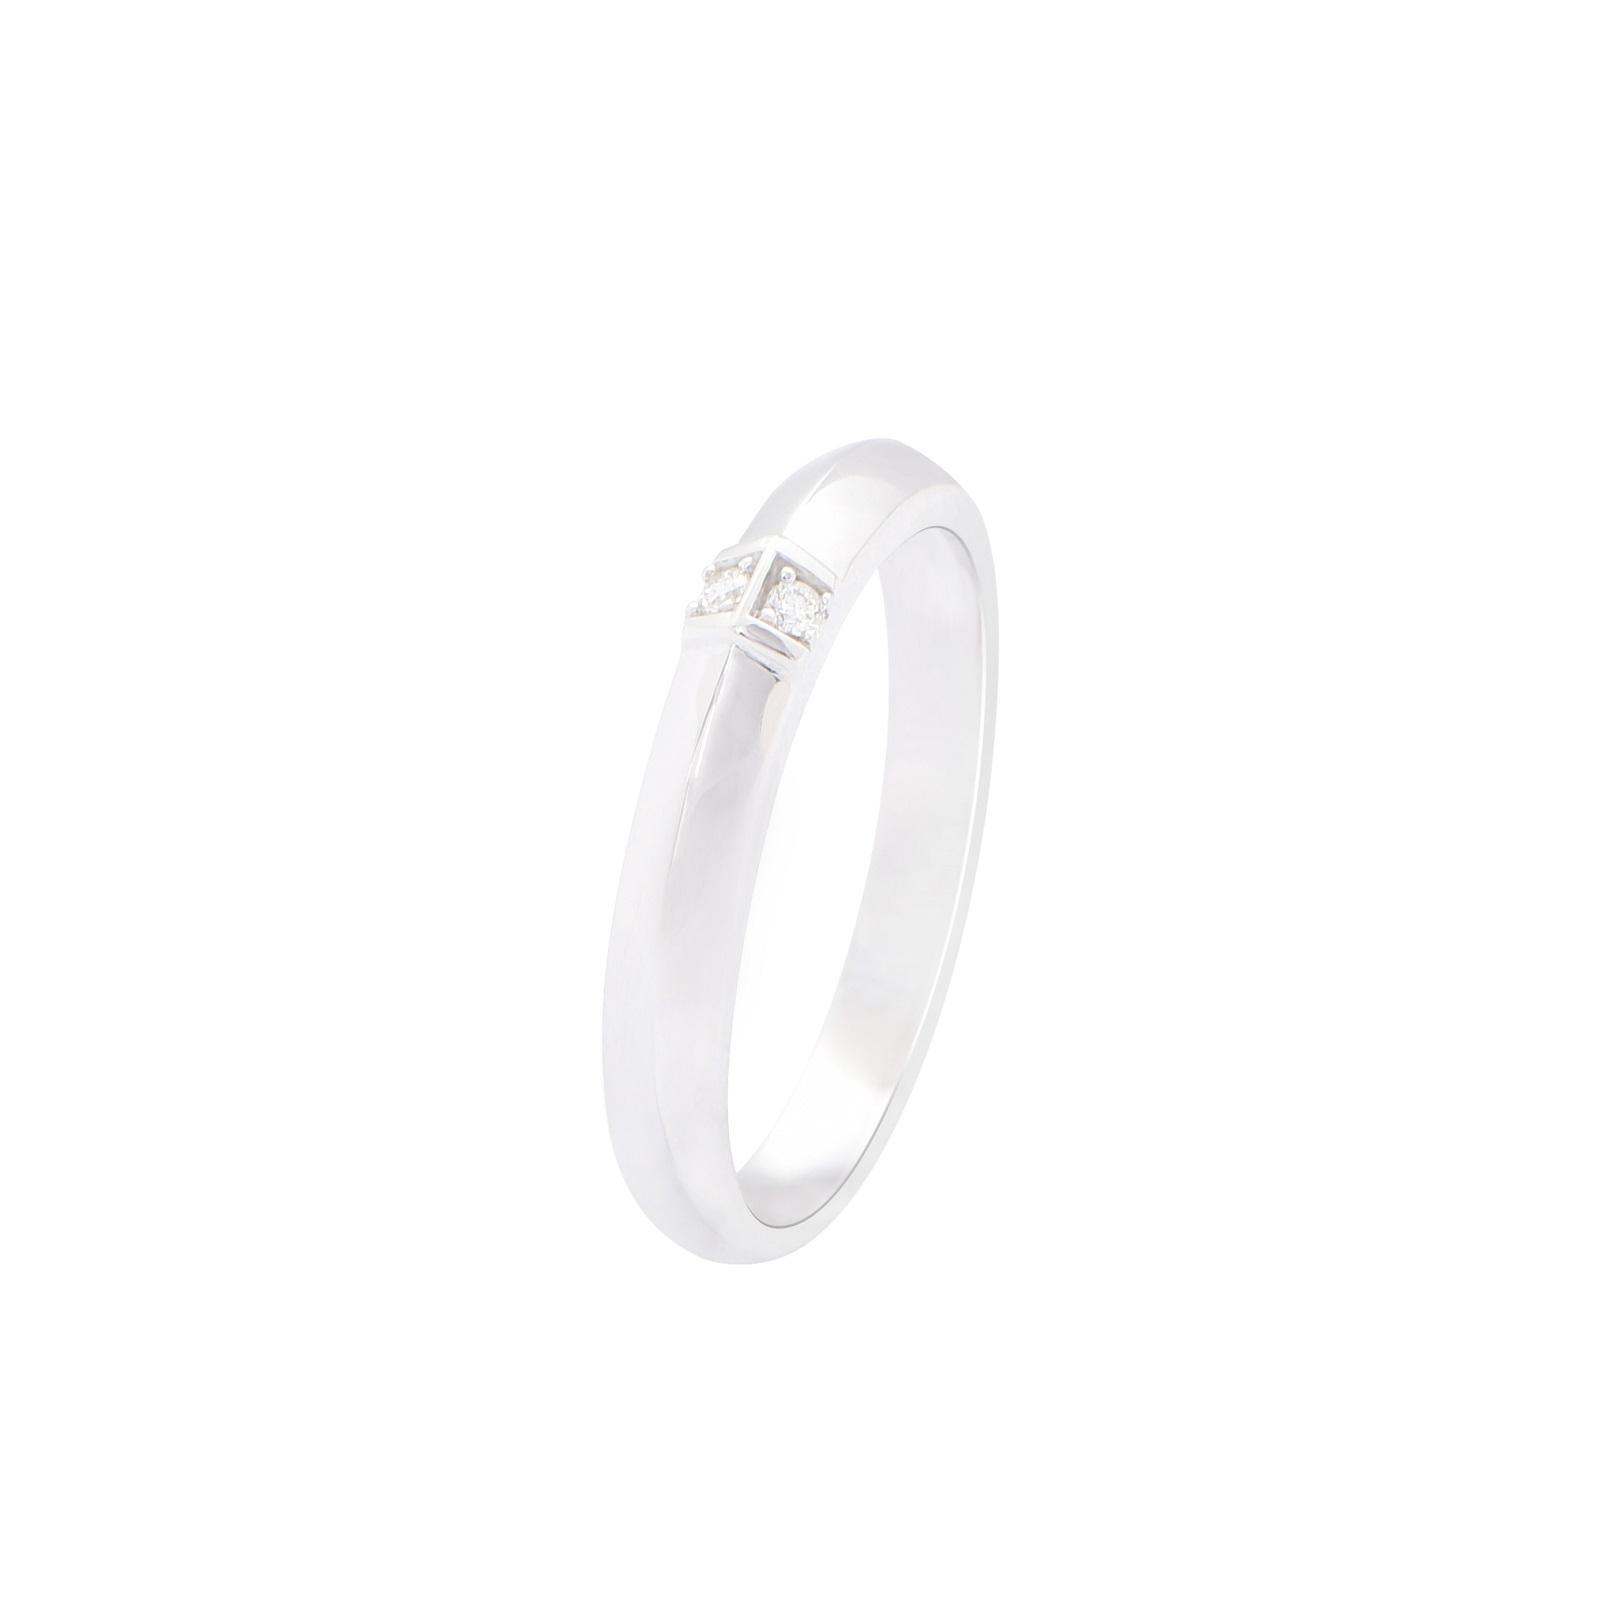 Nhẫn cưới Kim cương nam 20K012.2TI